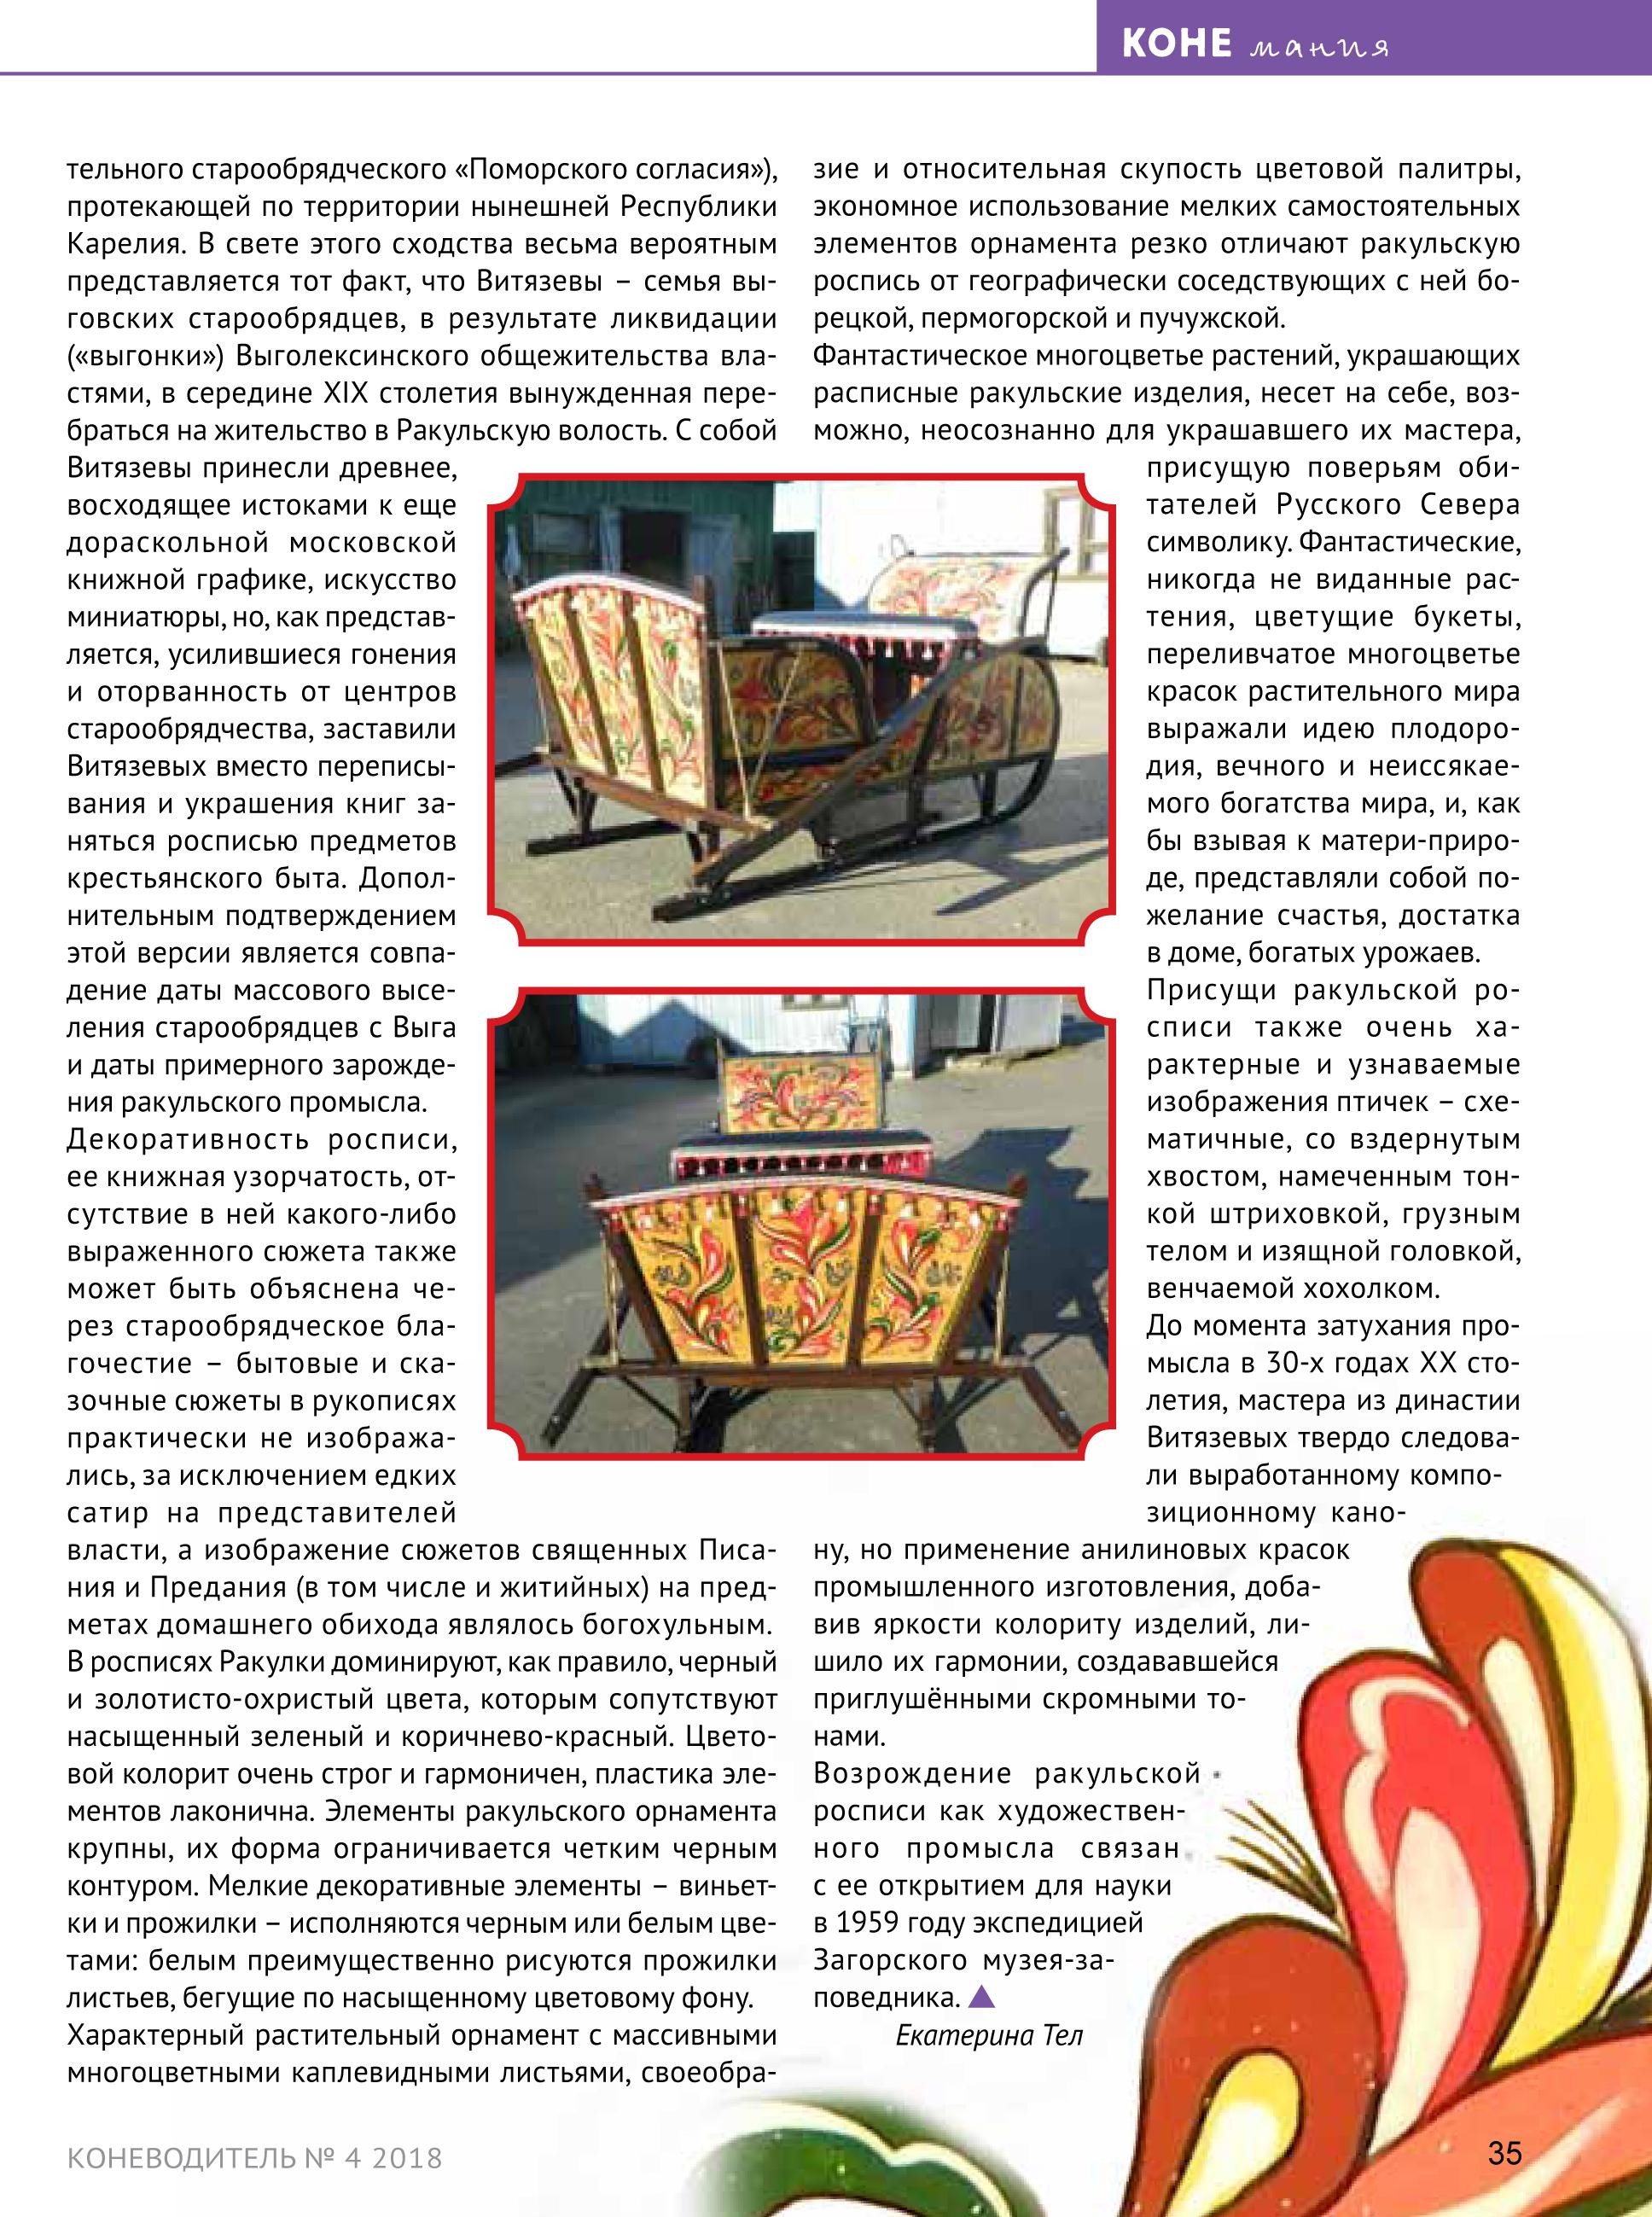 Book КОНЕВОДИТЕЛЬ 4_ proof-35